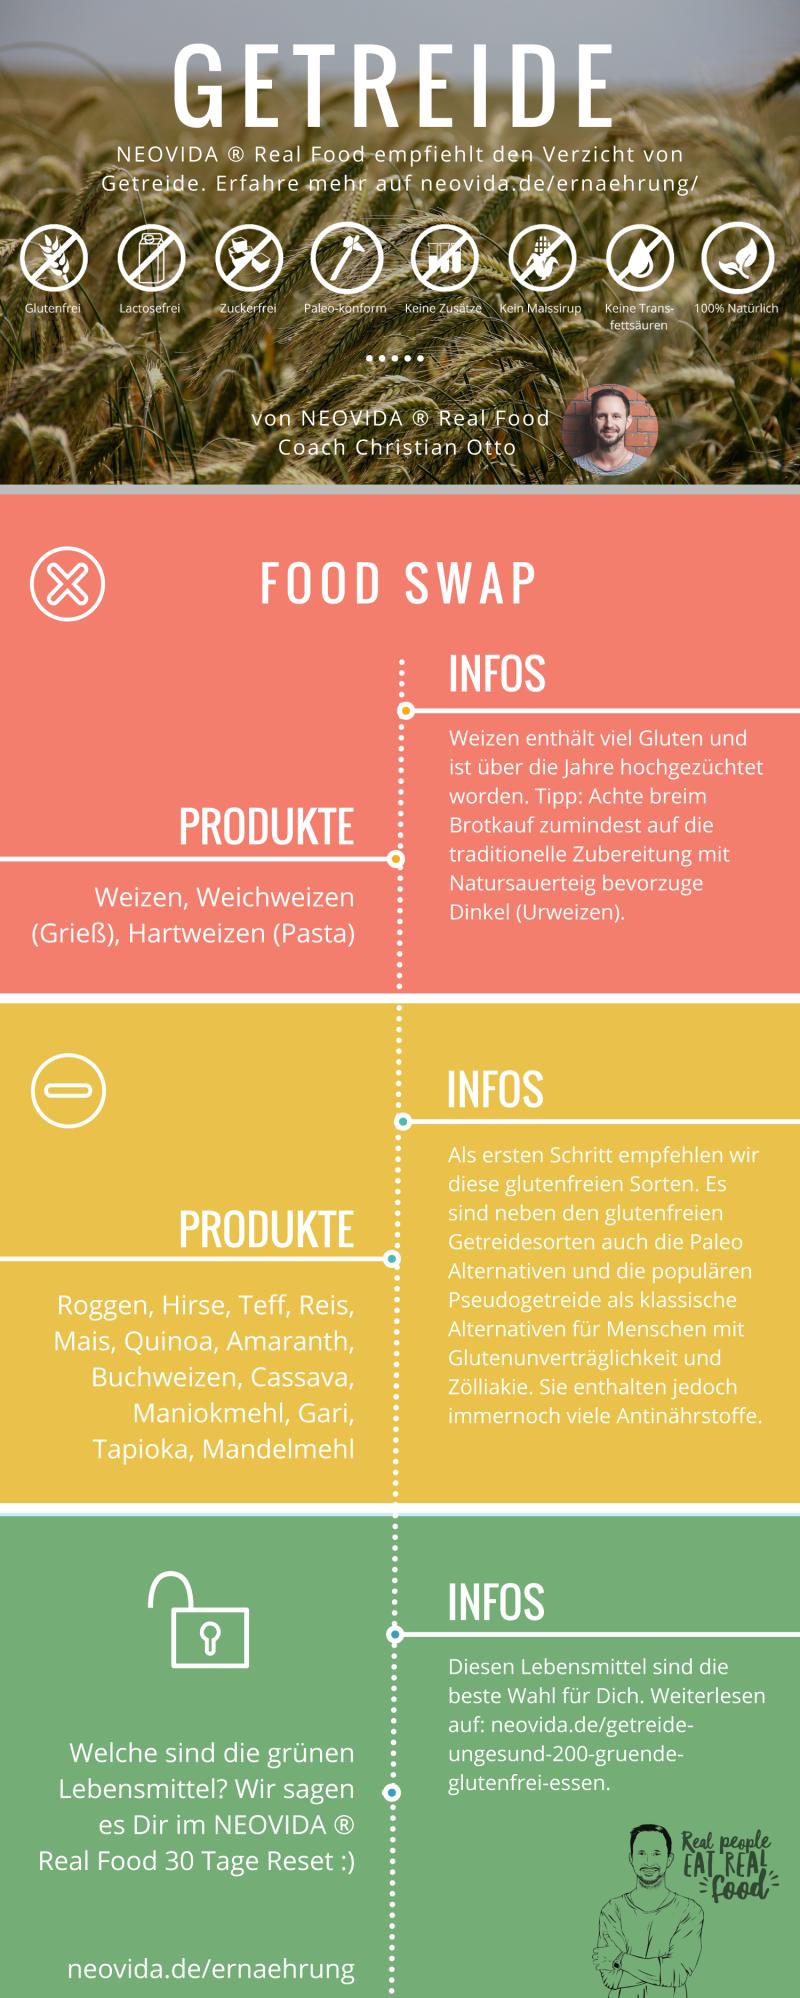 NEOVIDA ® Real Food SWAPS (Partial) - Getreide